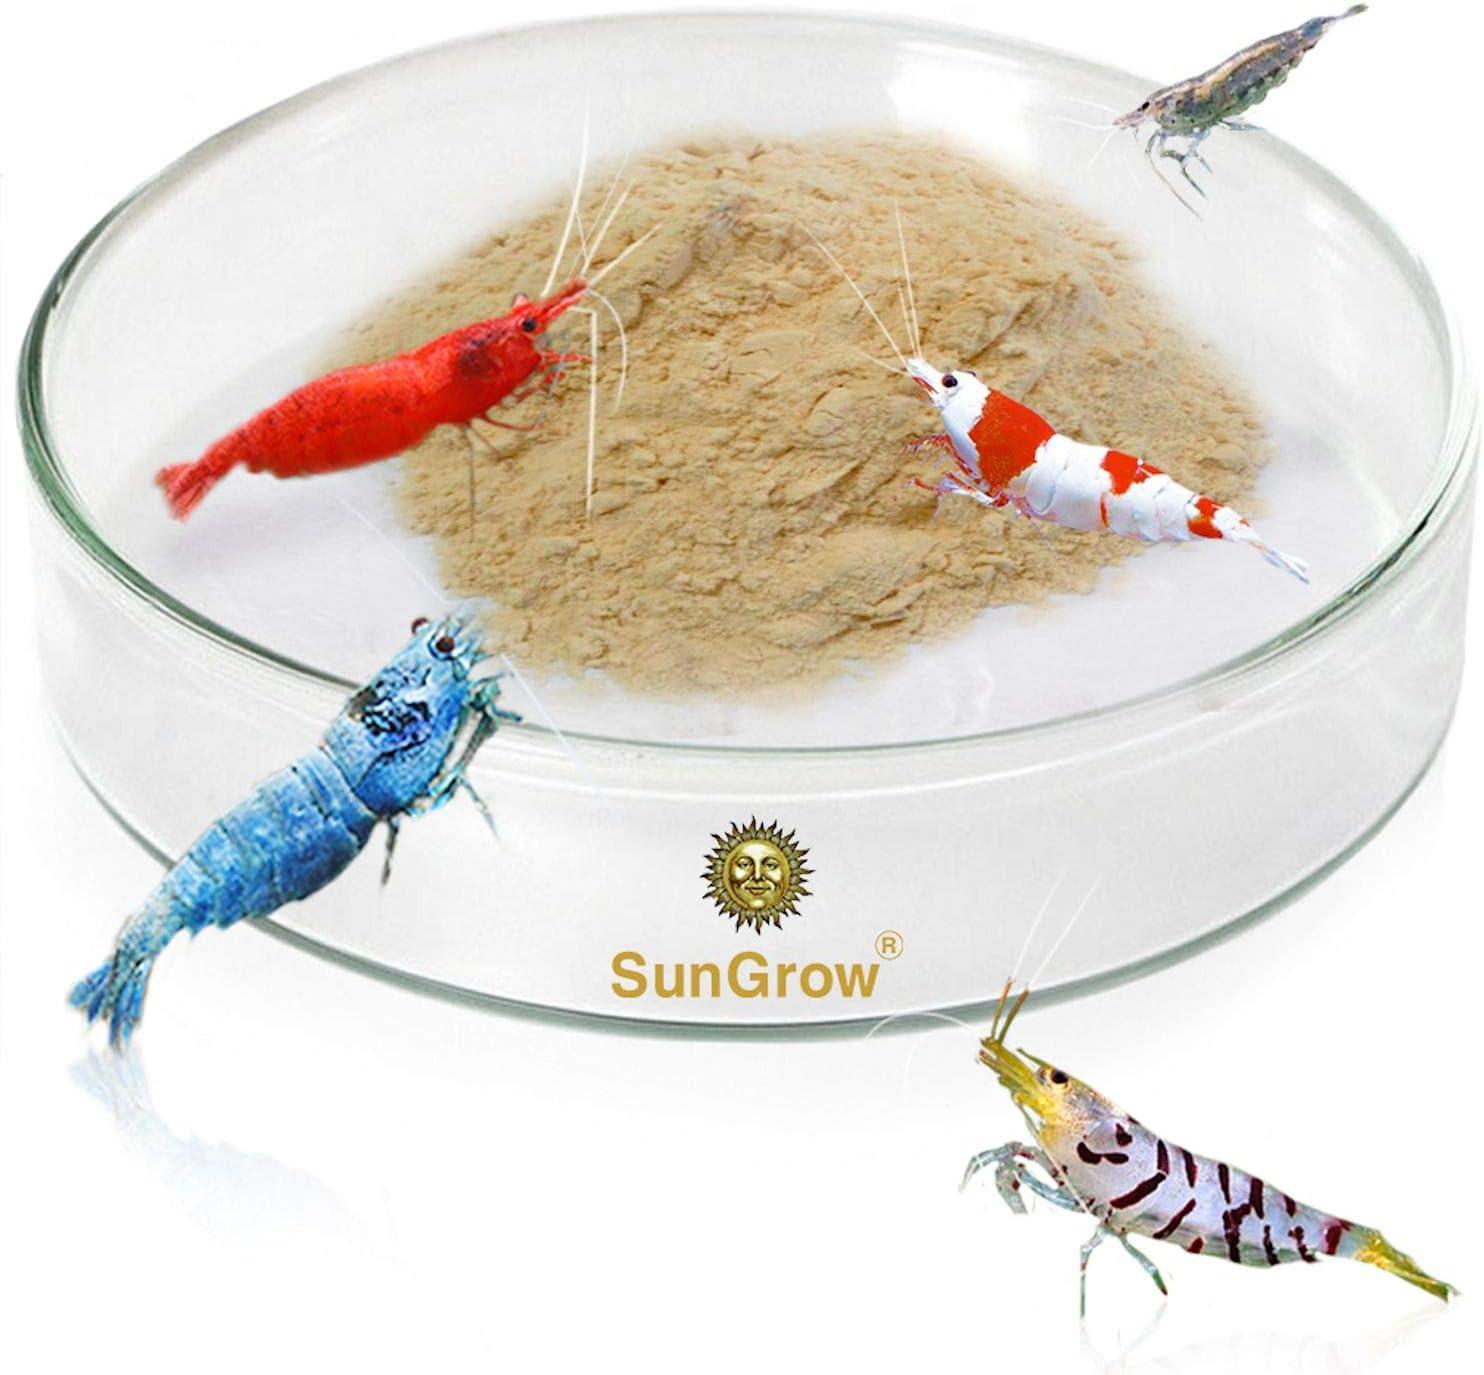 Sungrow Camarones De Vidrio De Borosilicato Resistentes, Previene Los Derrames De Alimentos